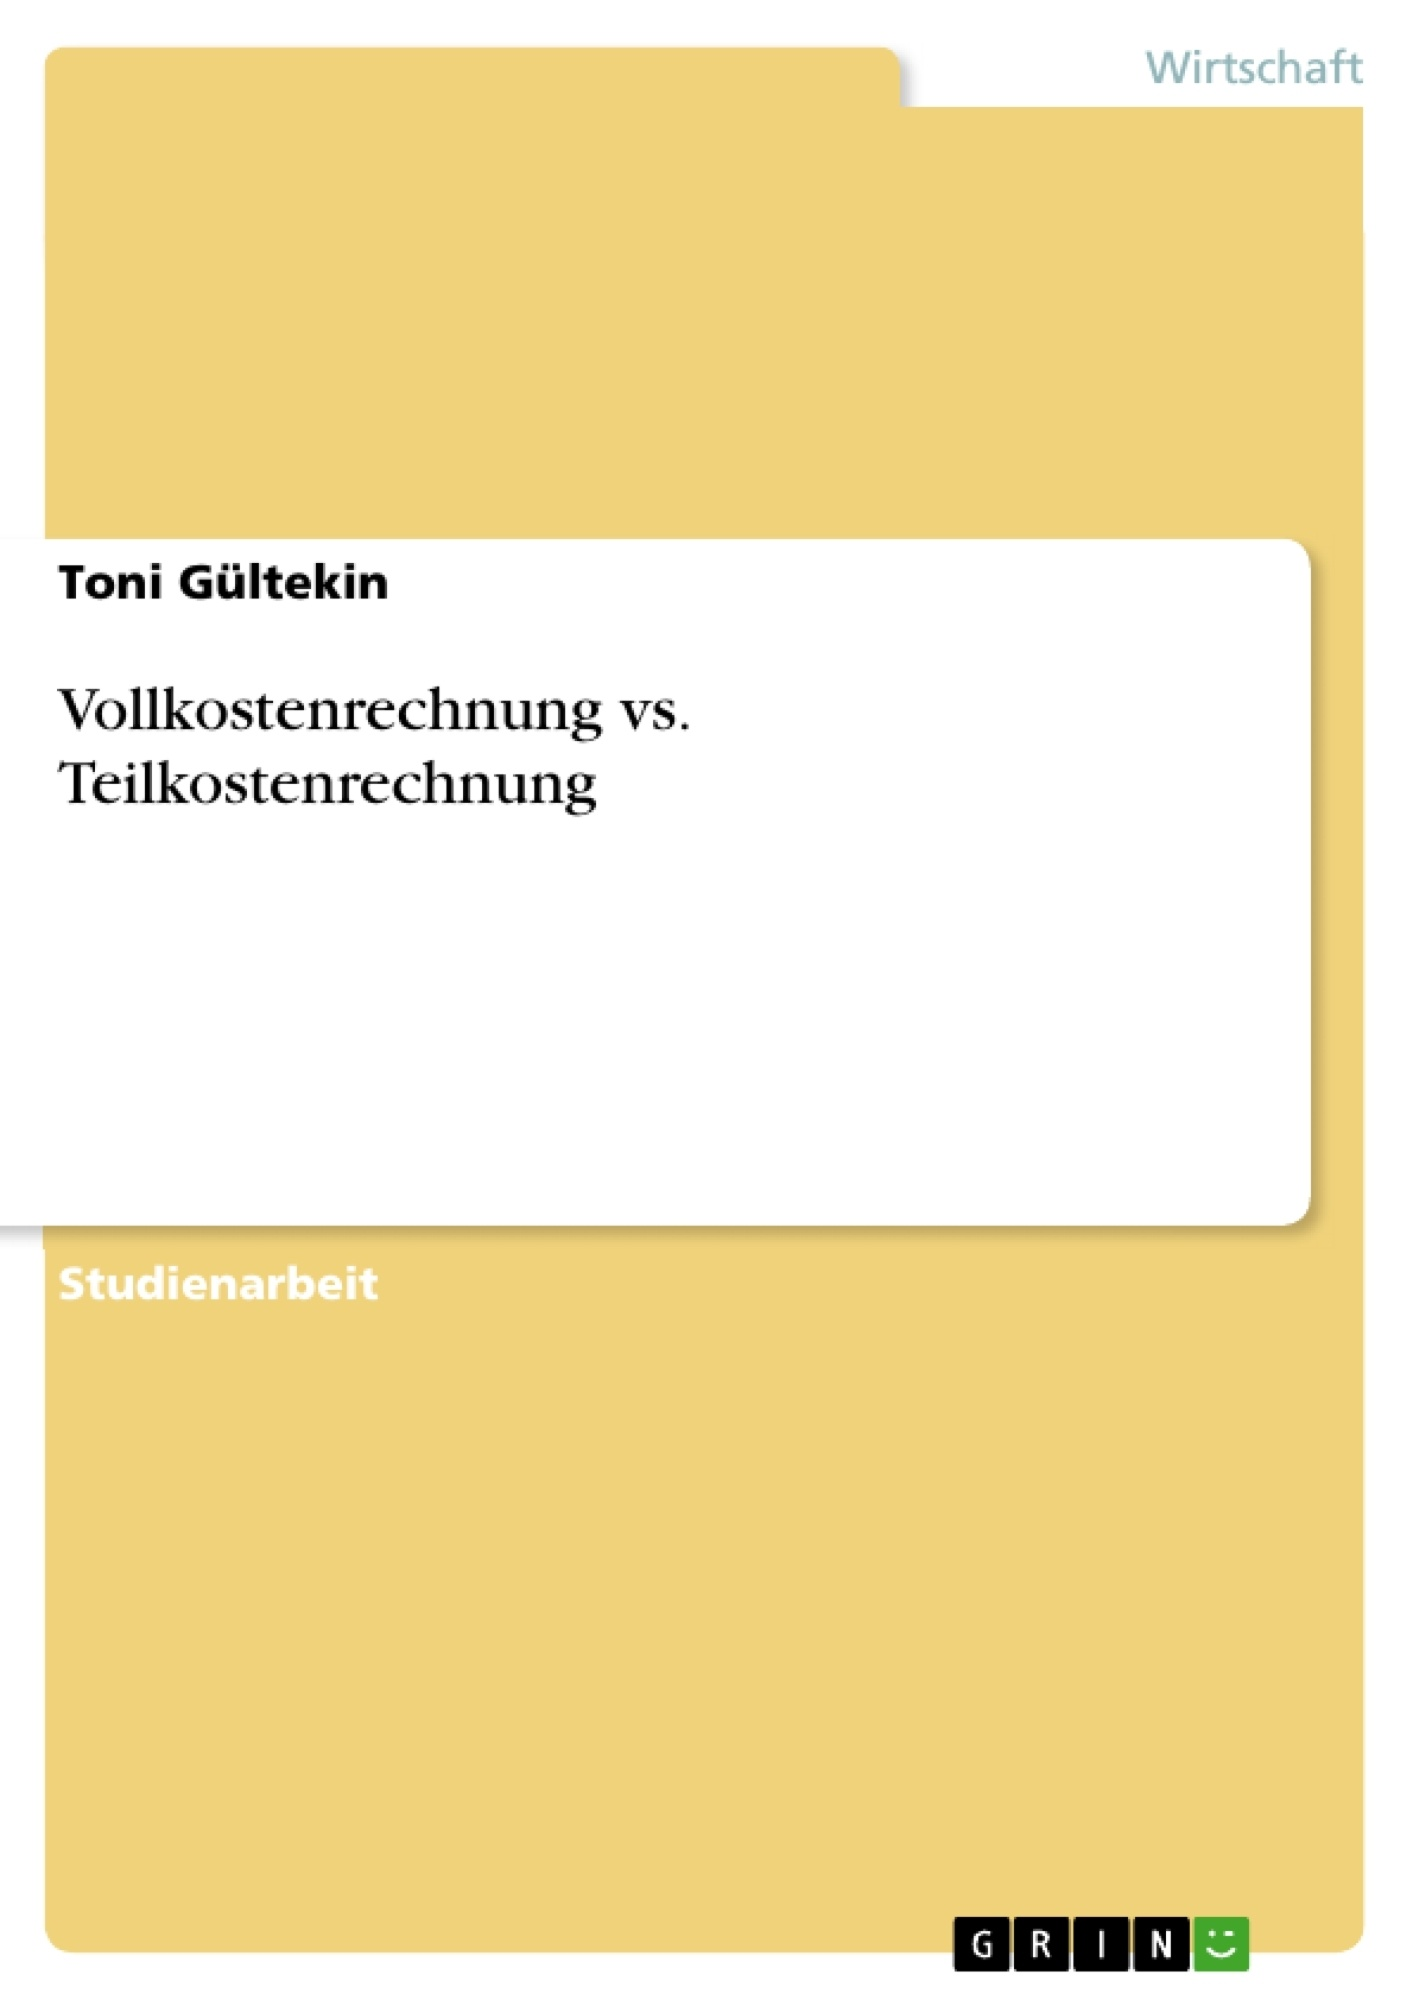 Titel: Vollkostenrechnung vs. Teilkostenrechnung